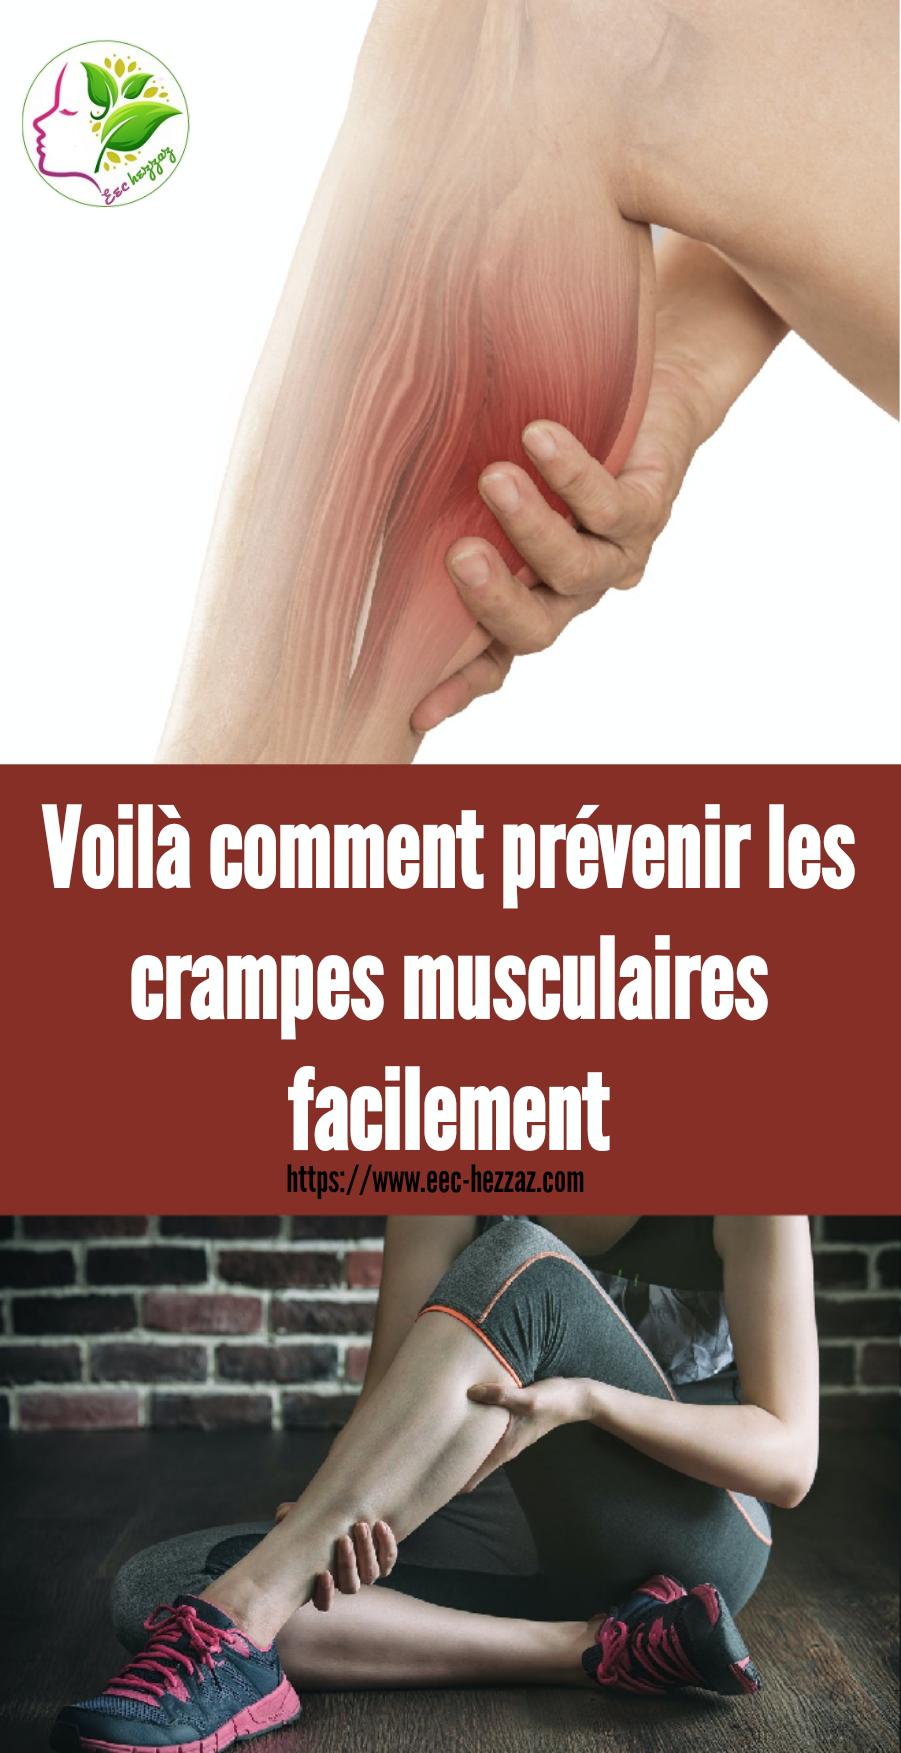 Voilà comment prévenir les crampes musculaires facilement